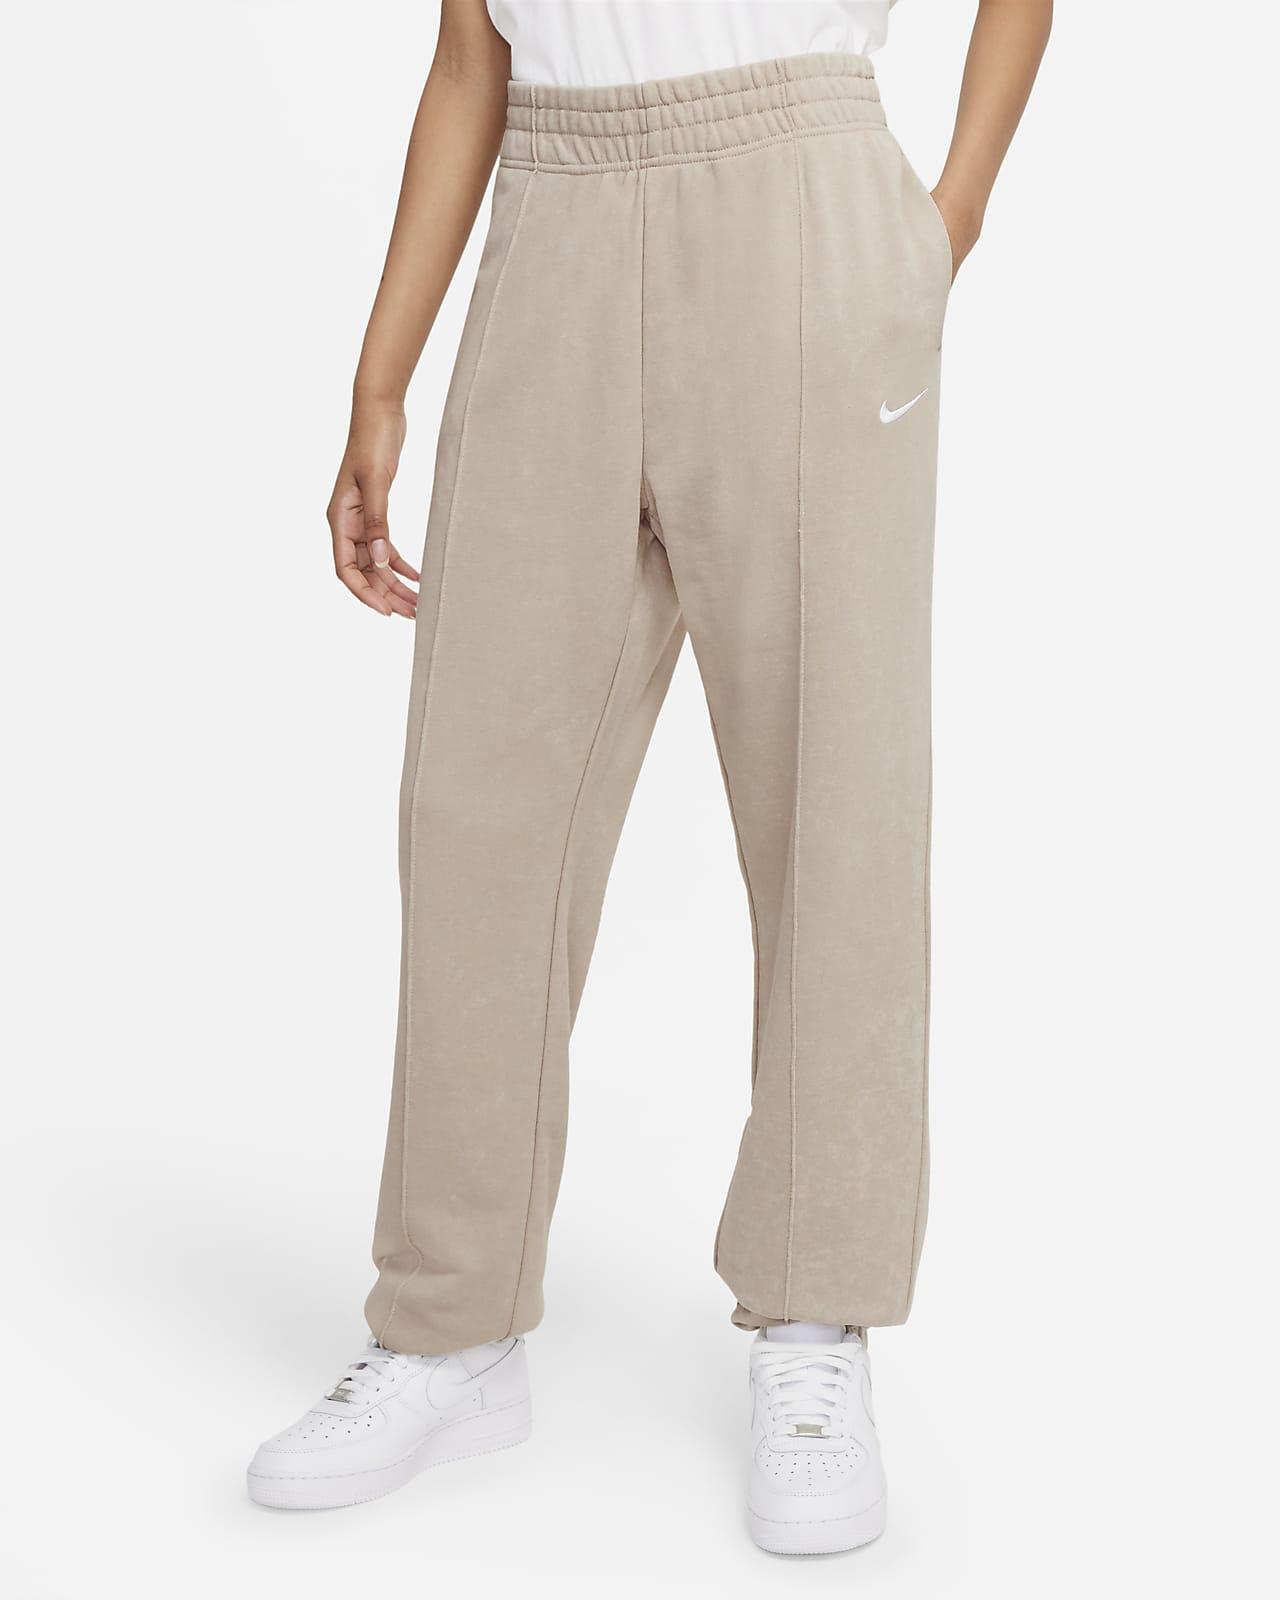 Nike Sportswear Essential Collection Yıkanmış Fleece Kadın Eşofman Altı